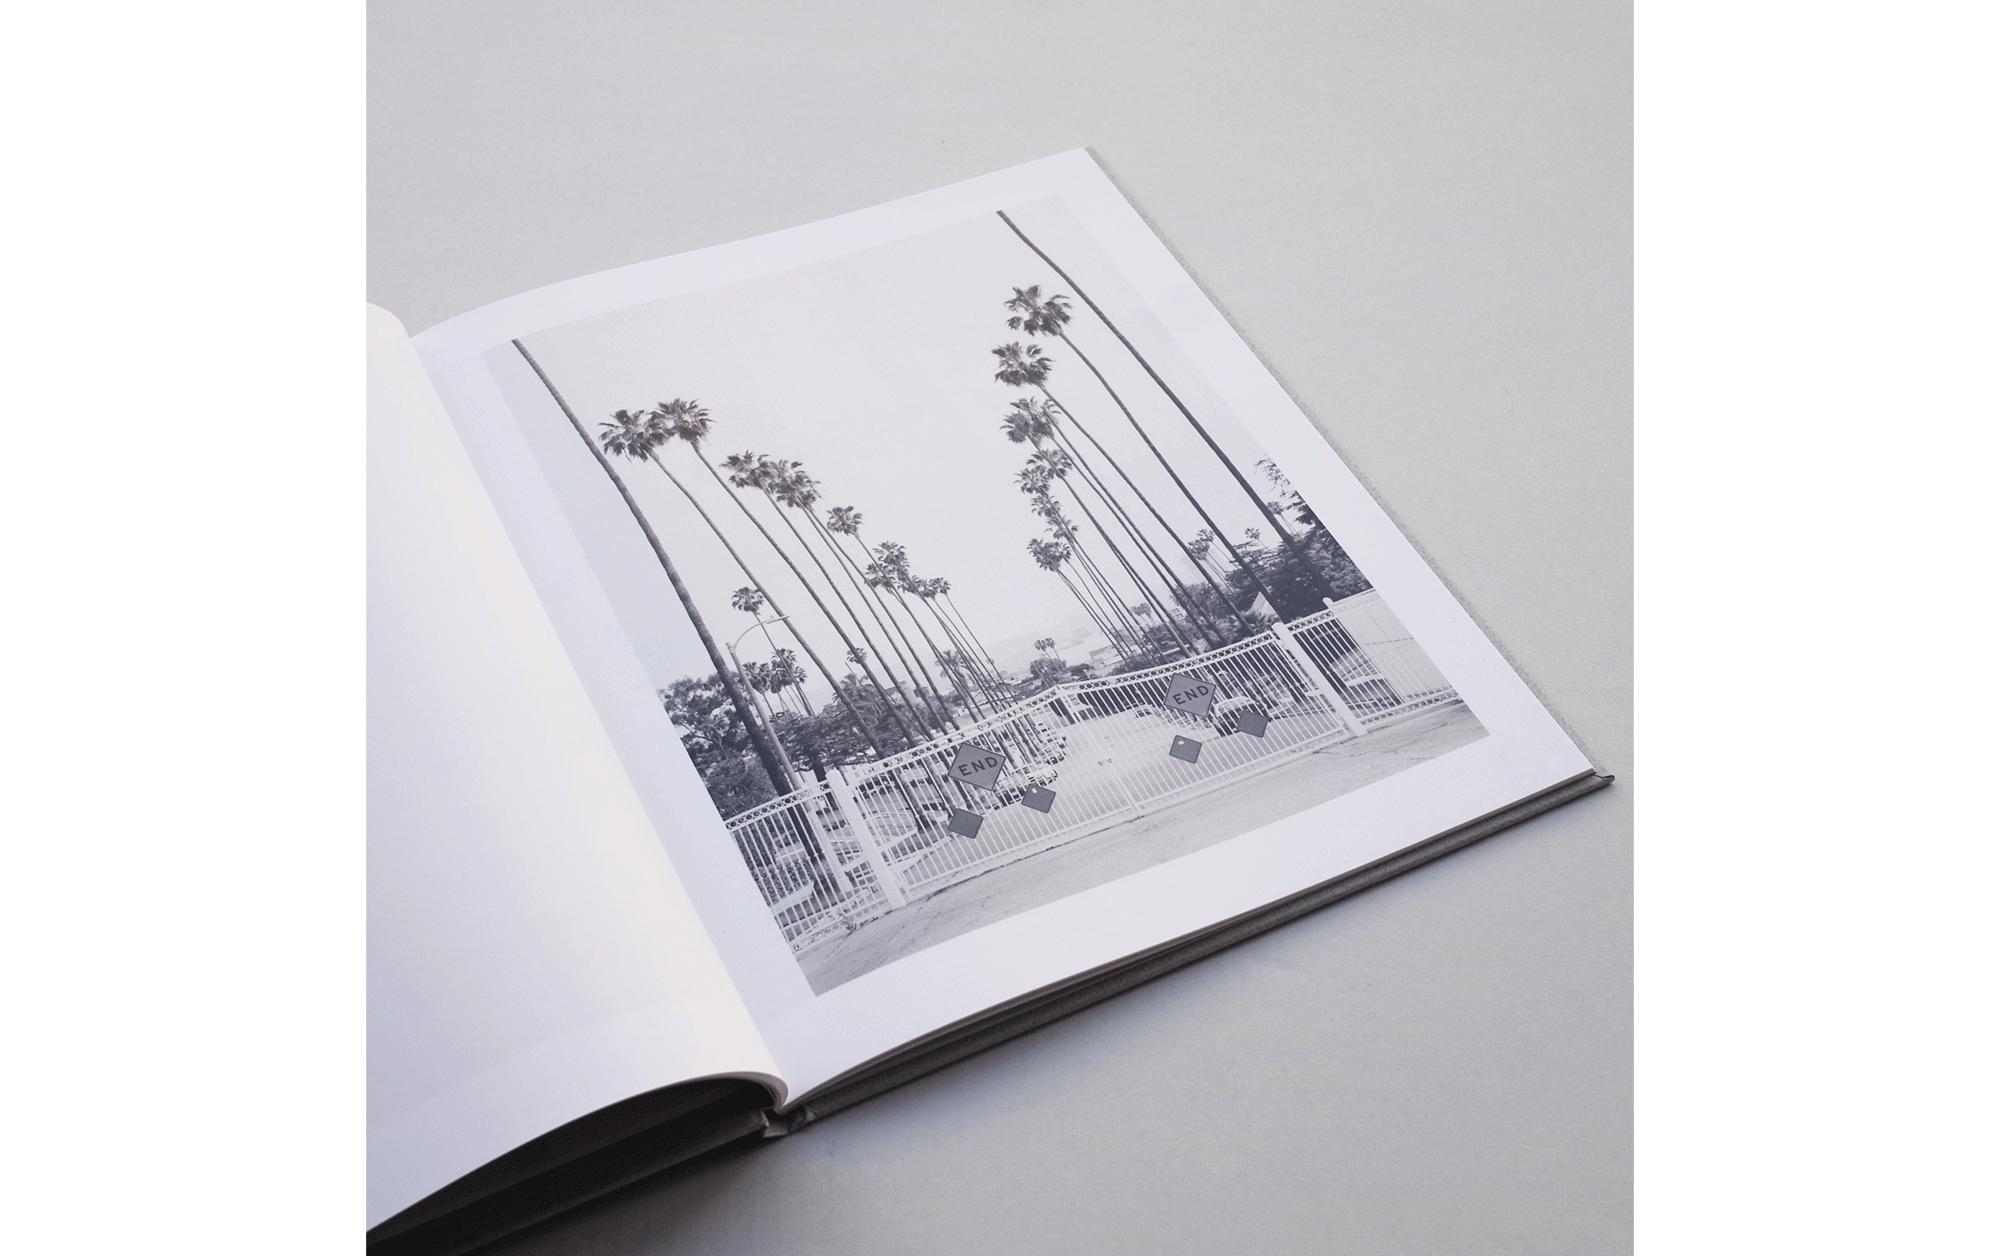 書店員がピックアップする11月のおすすめ写真集【POST編】 | マリー=ジョゼ・ヨンゲリウス『Los Angeles Palms』